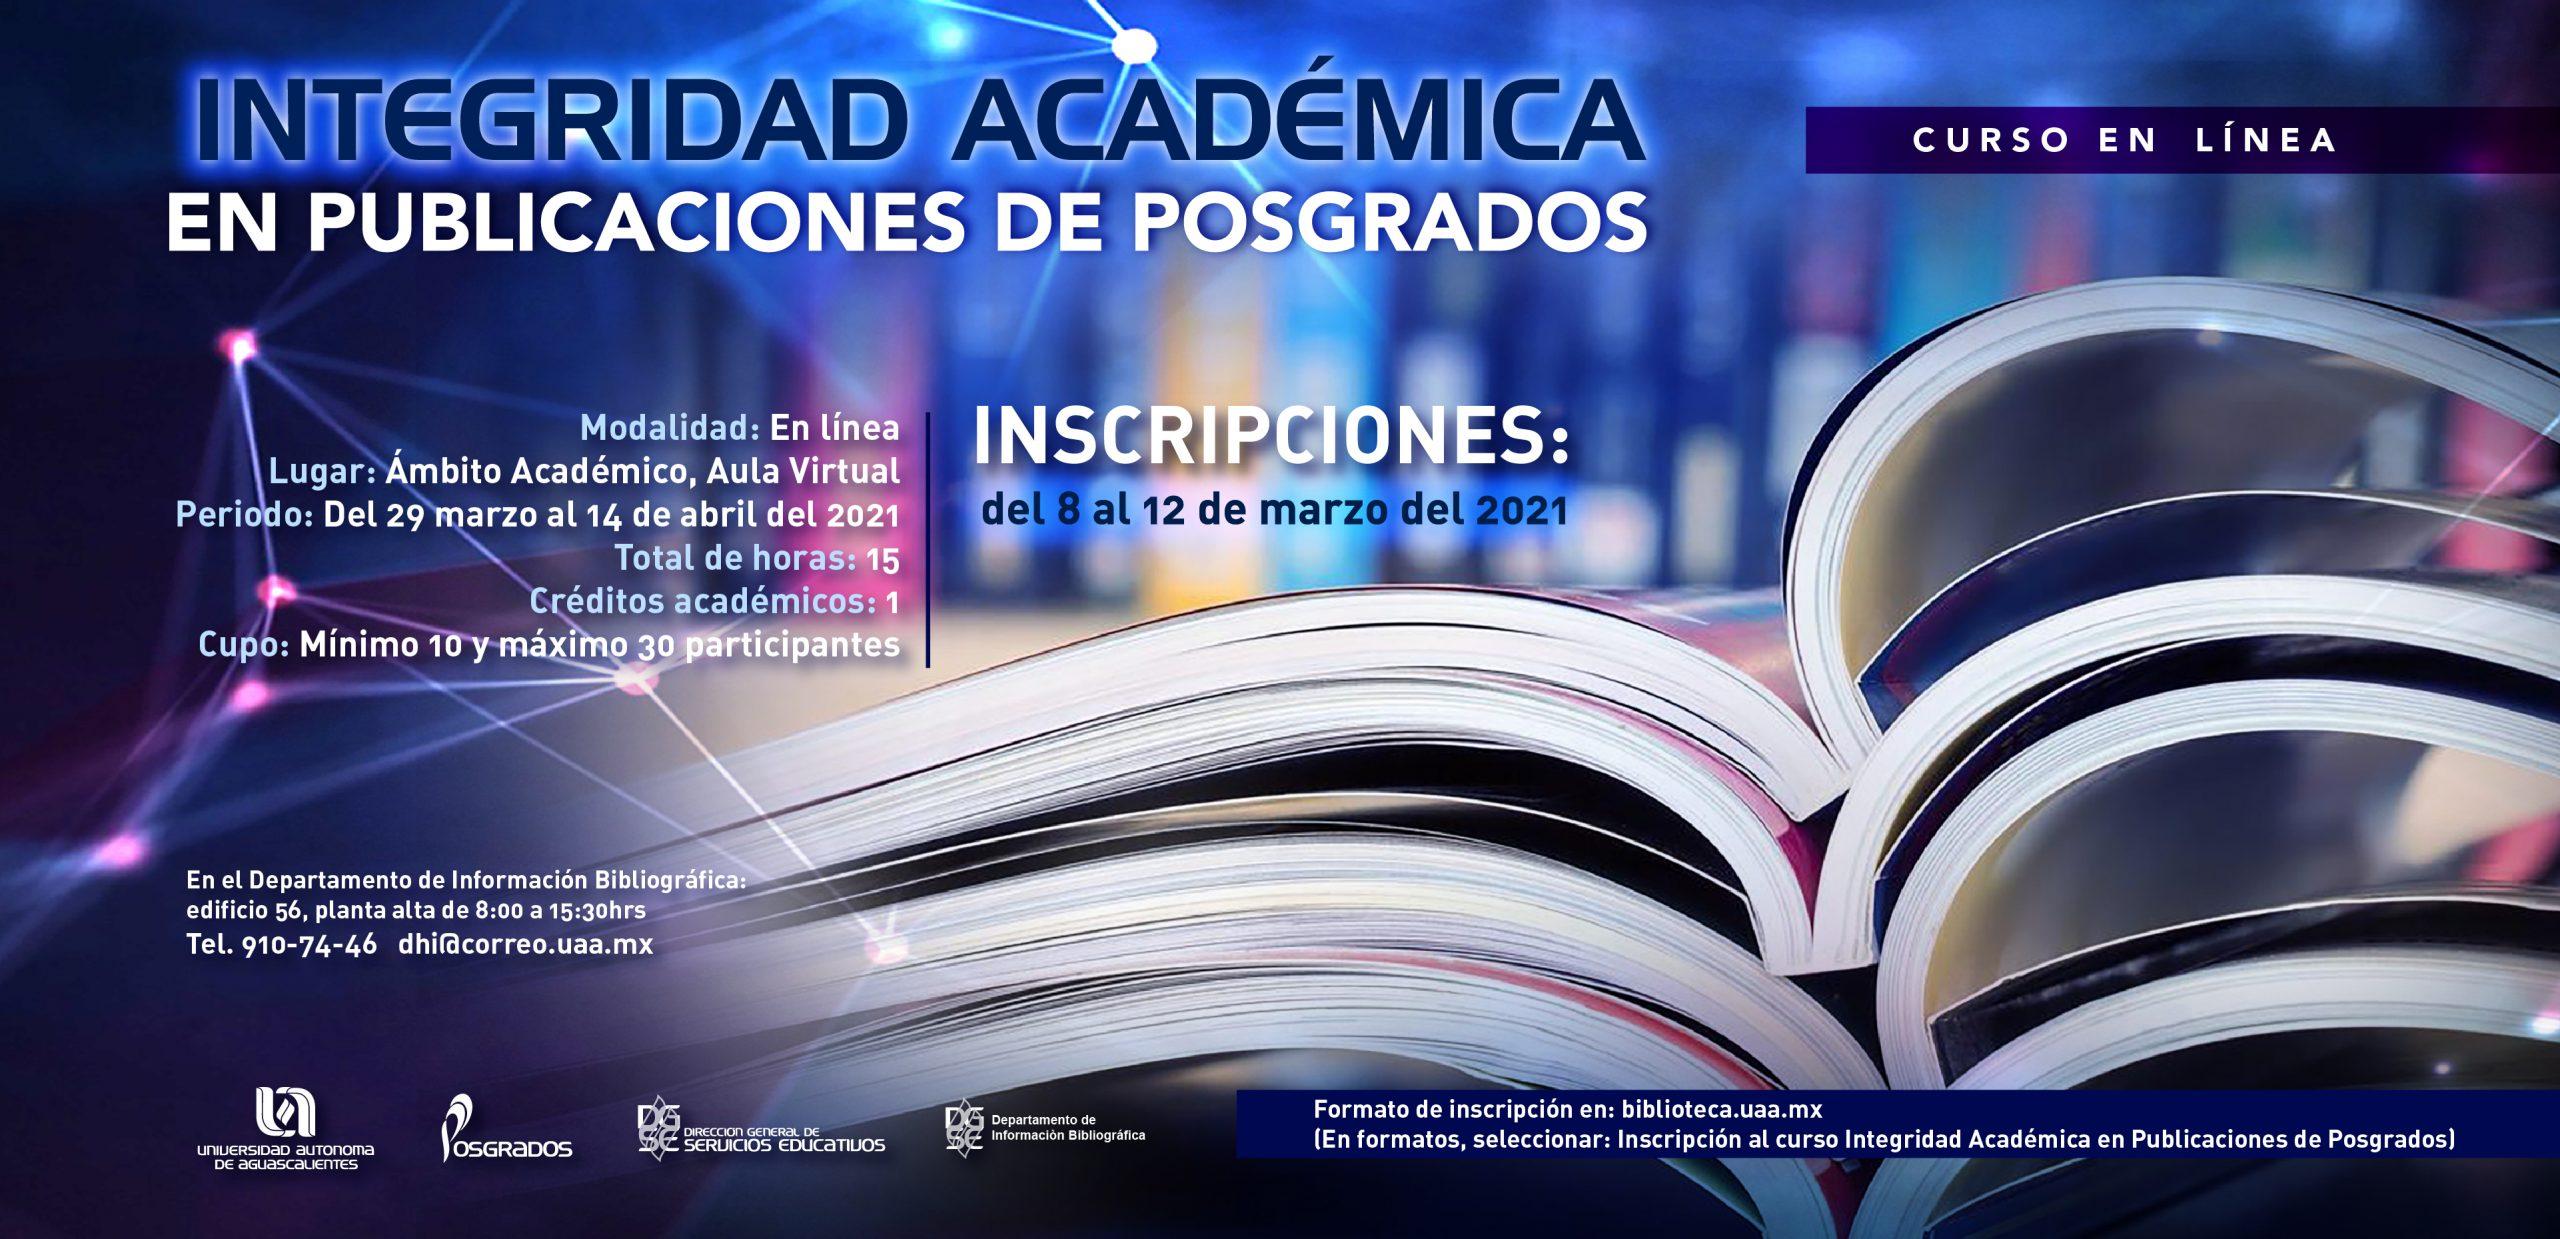 Curso Integridad Académica en Publicaciones de Posgrados